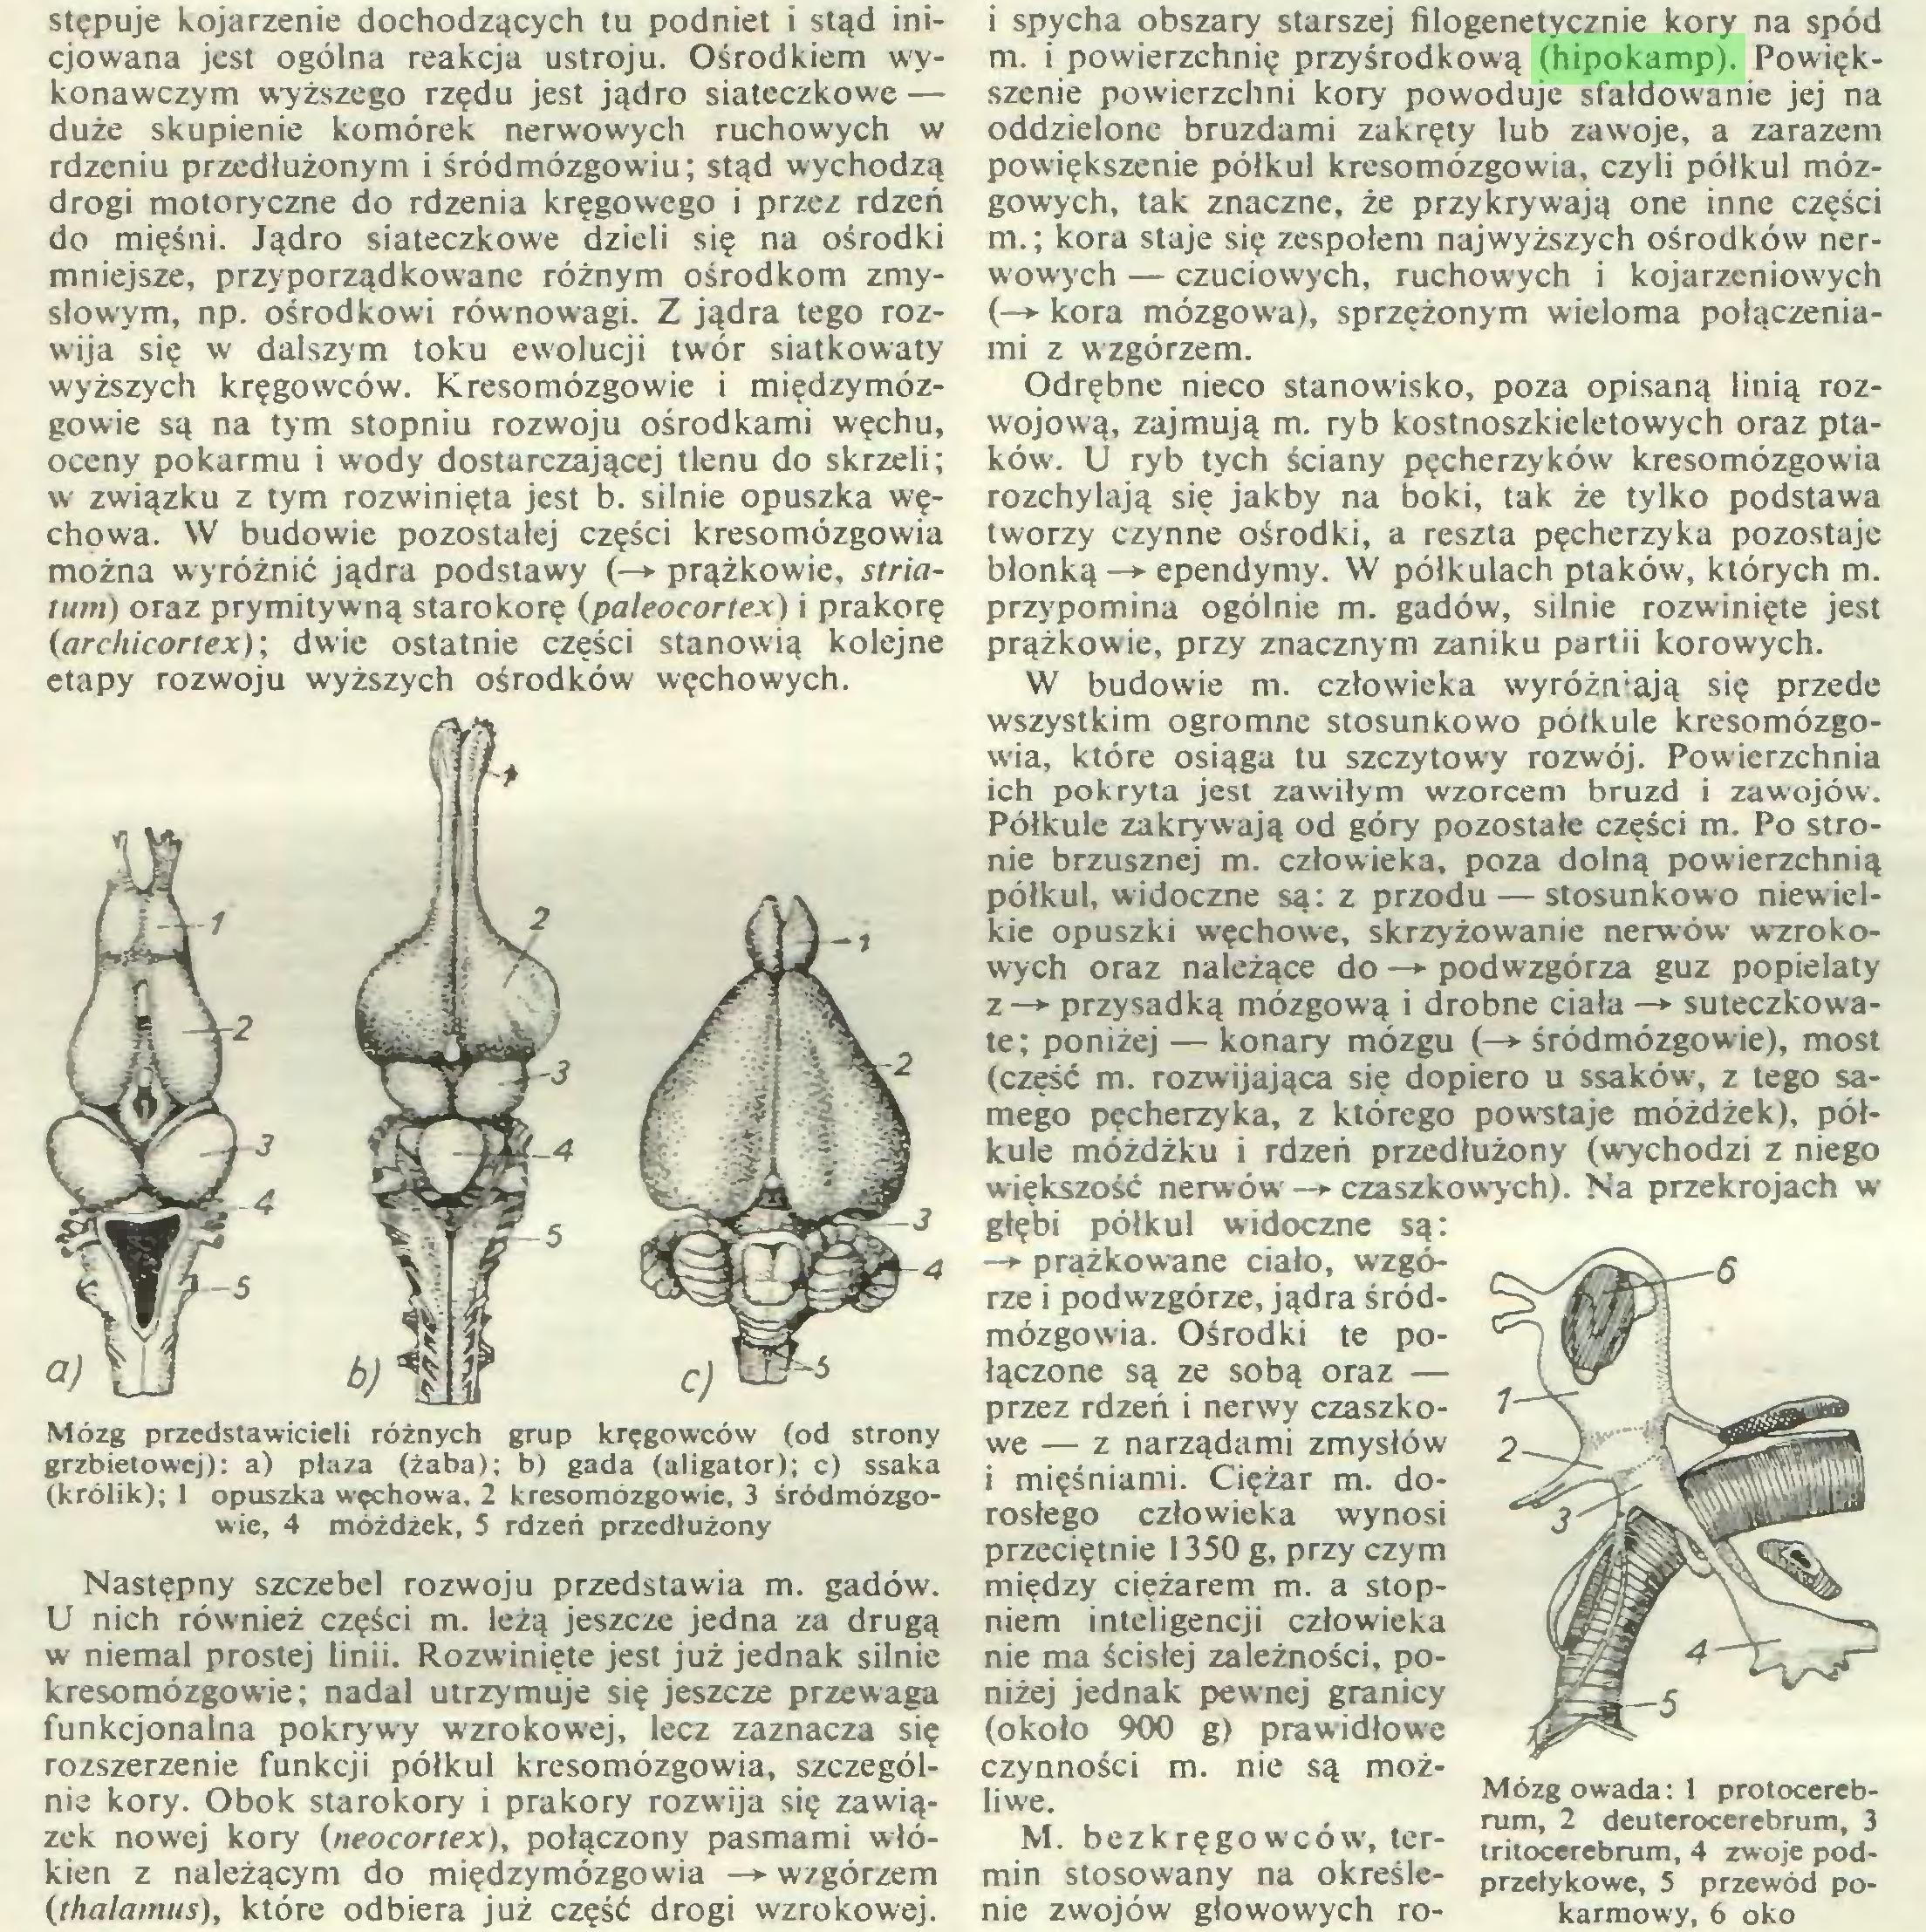 (...) nie kory. Obok starokory i prakory rozwija się zawiązek nowej kory (neocortex), połączony pasmami włókien z należącym do międzymózgowia —► wzgórzem (thalamus), które odbiera już część drogi wzrokowej. i spycha obszary starszej filogenetycznie kory na spód m. i powierzchnię przyśrodkową (hipokamp). Powiększenie powierzchni kory powoduje sfałdowanie jej na oddzielone bruzdami zakręty lub zawoje, a zarazem powiększenie półkul kresomózgowia, czyli półkul mózgowych, tak znaczne, że przykrywają one inne części m.; kora staje się zespołem najwyższych ośrodków ner...